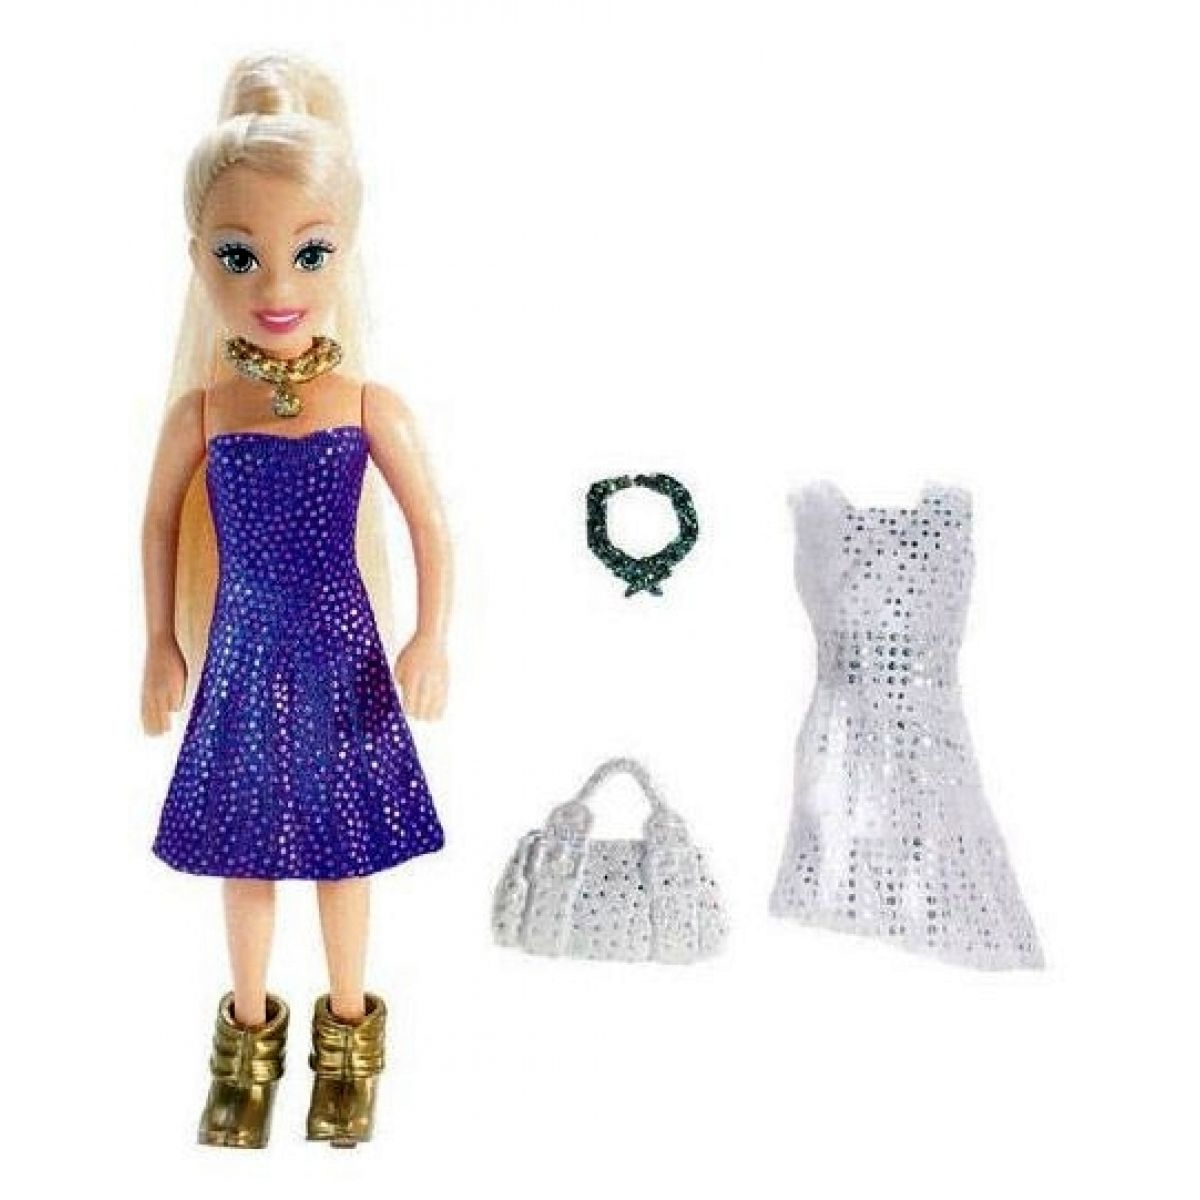 Polly Pocket L9869 - Panenka Polly Pocket s taštičkou a náhradními oblečky